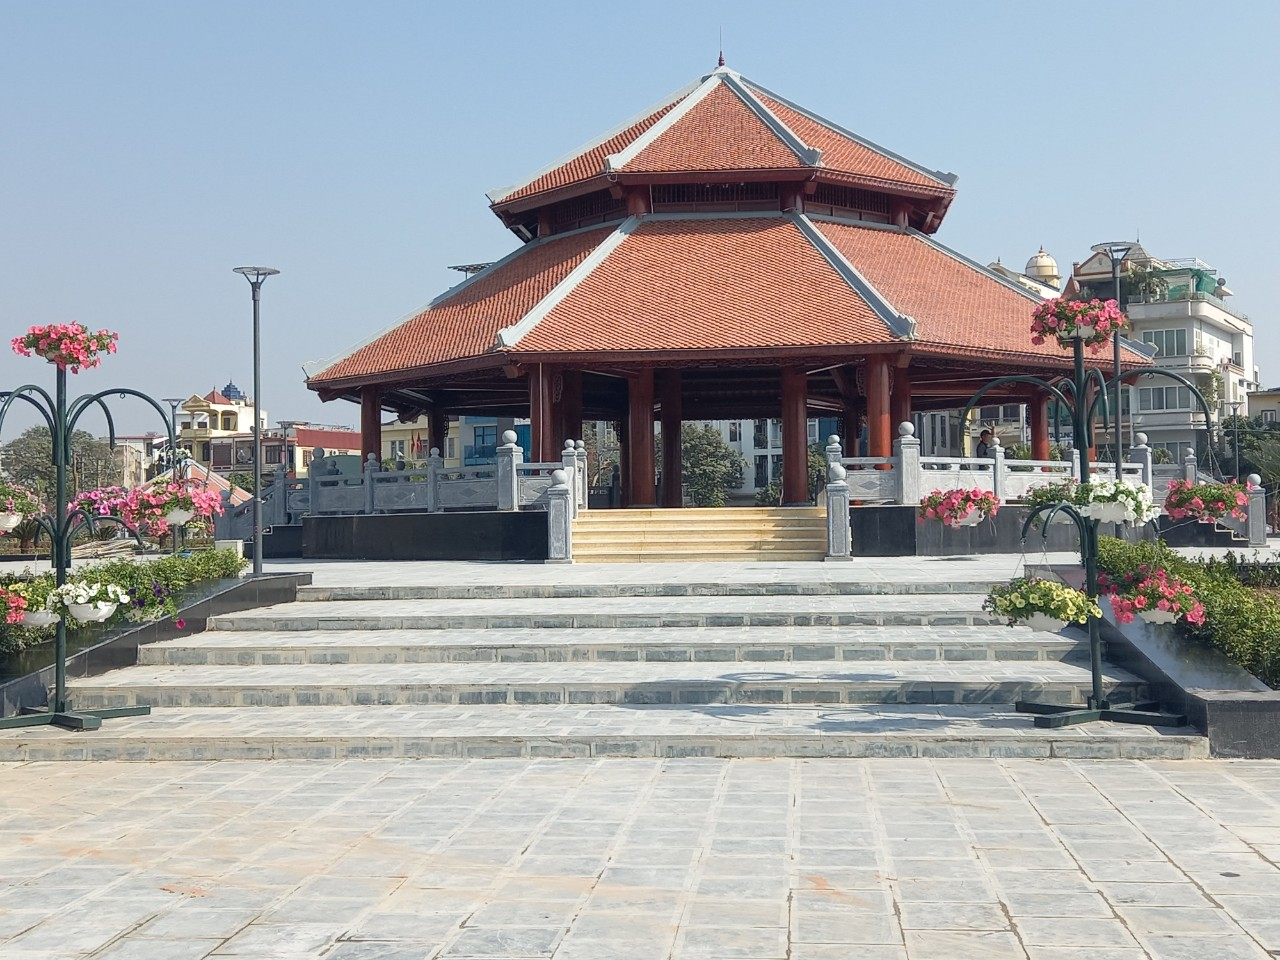 Công viên hiện đại Máy Tơ quận Ngô Quyền vừa khánh thành sau 90 ngày, phục vụ nhân dân dịp Tết Sửu